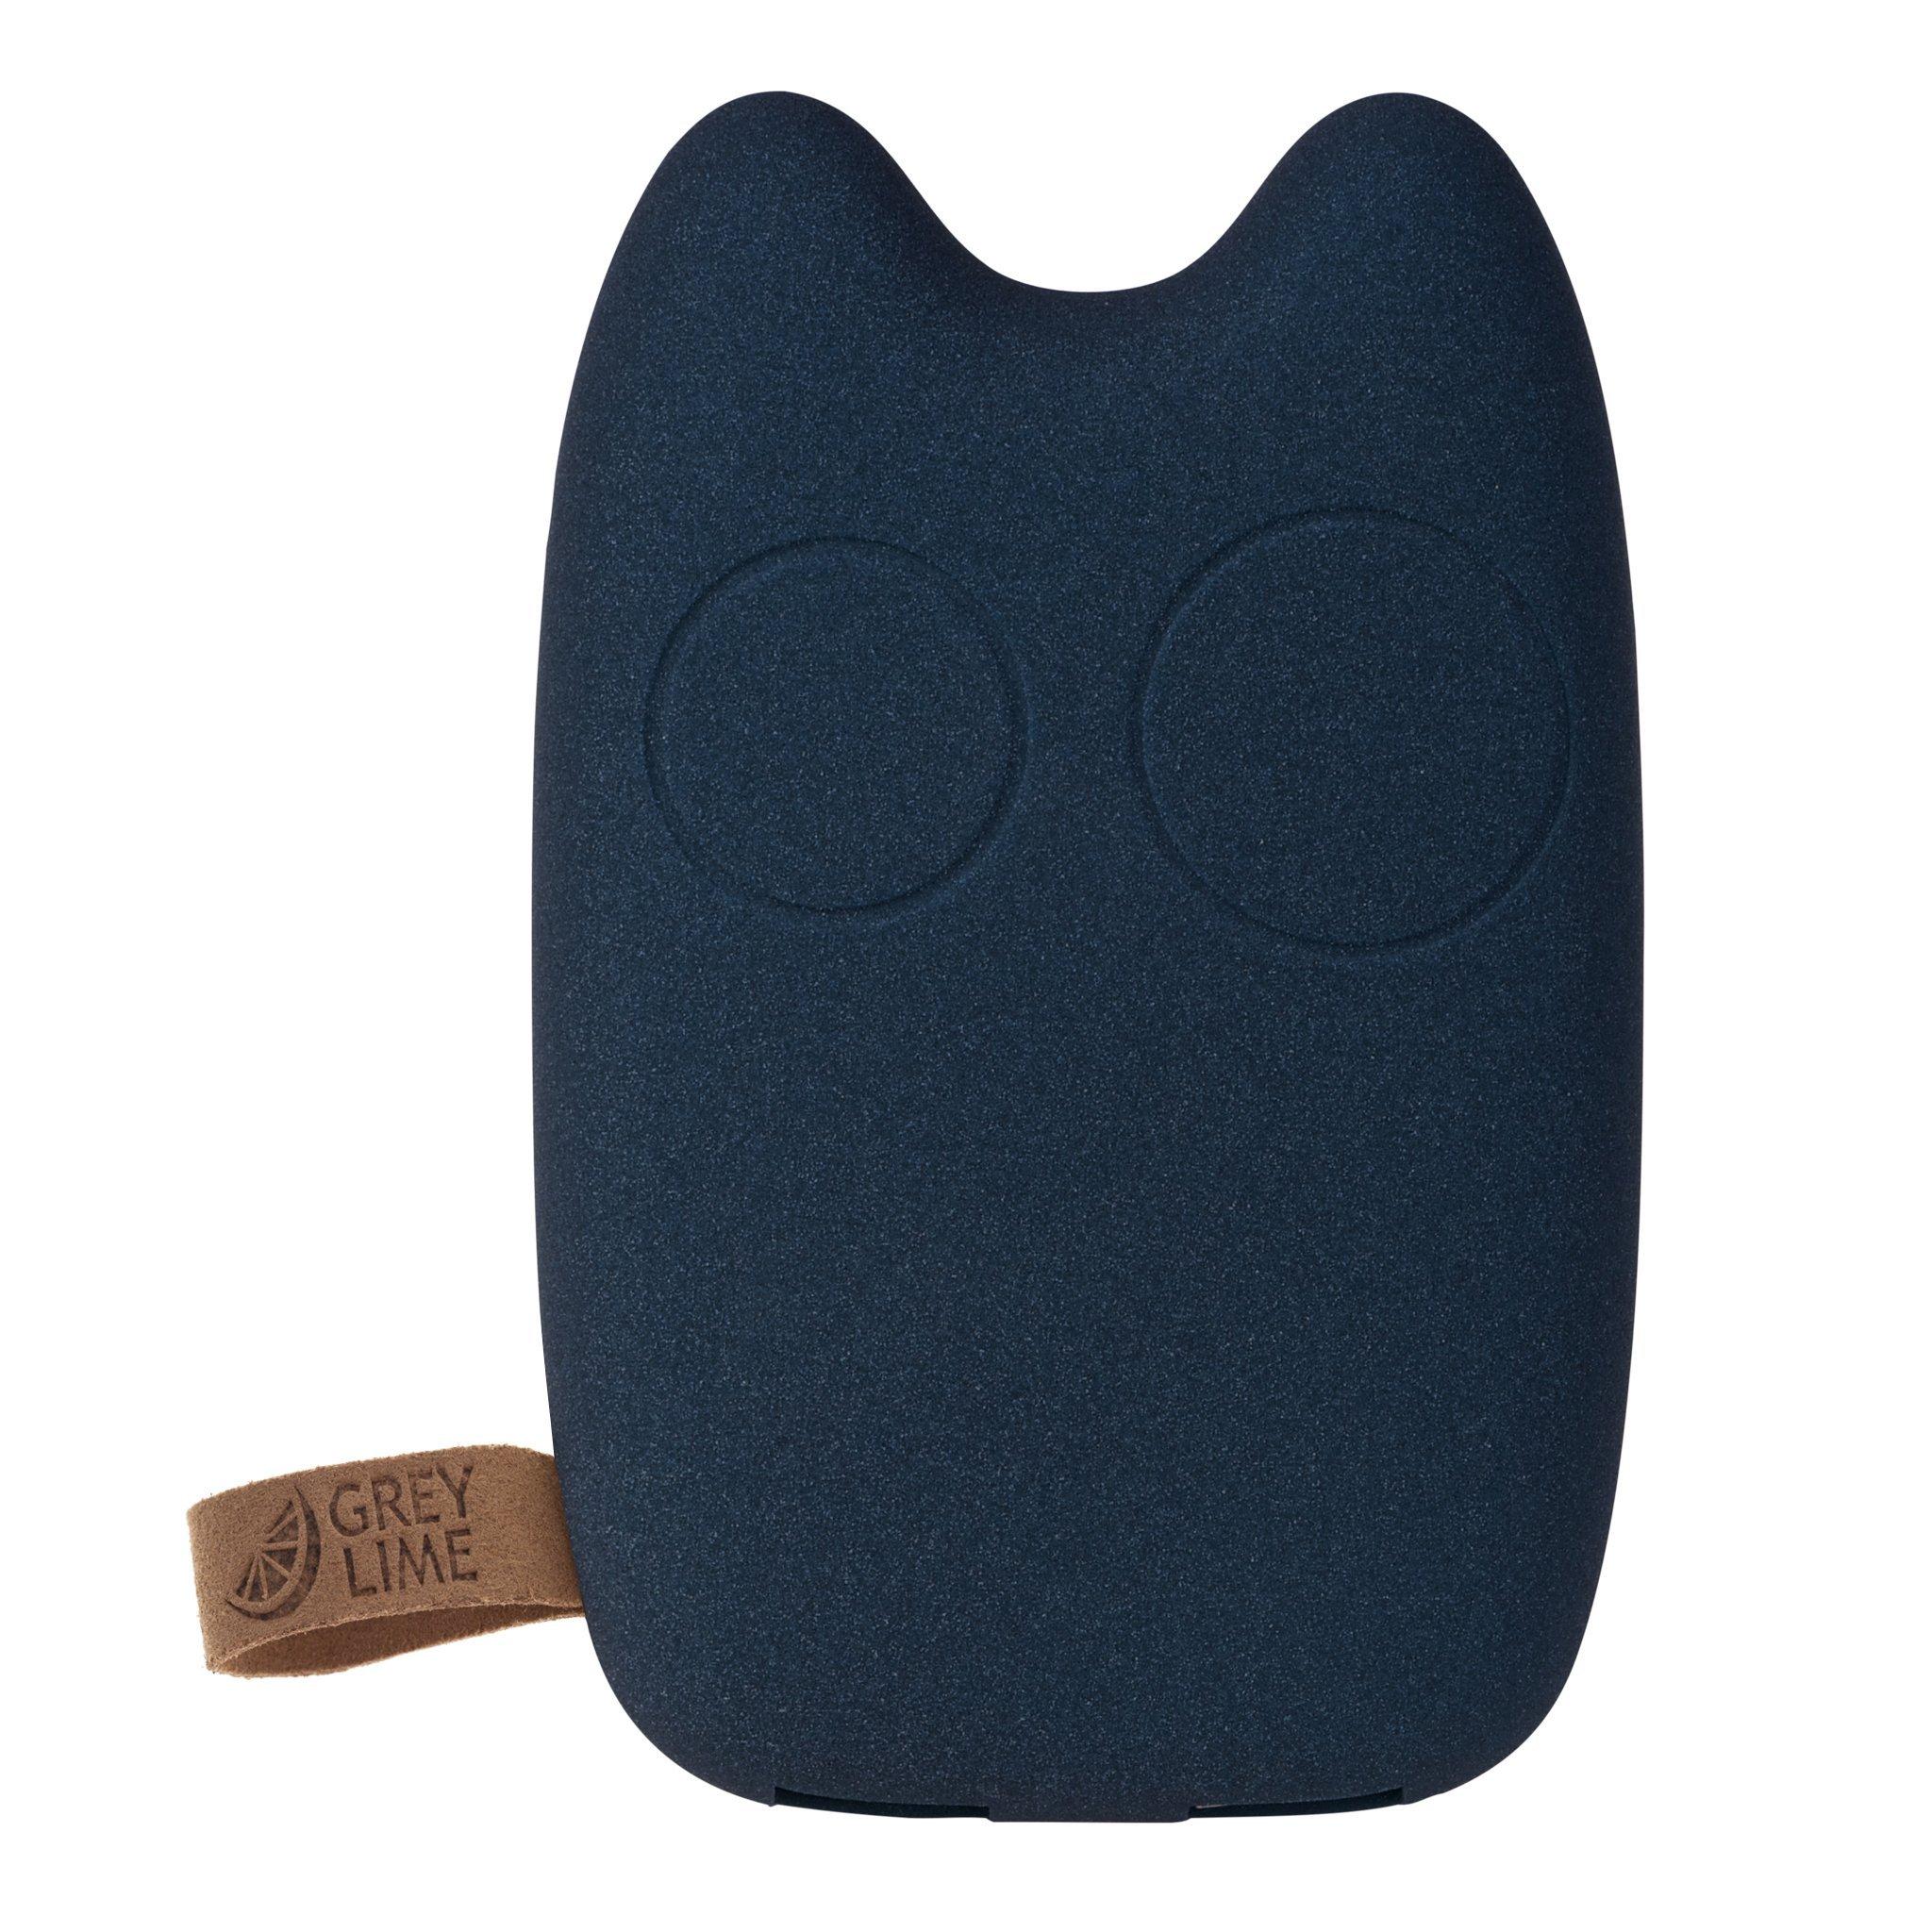 Billede af GreyLime Power Owl 5200 mAh - Mørkeblå